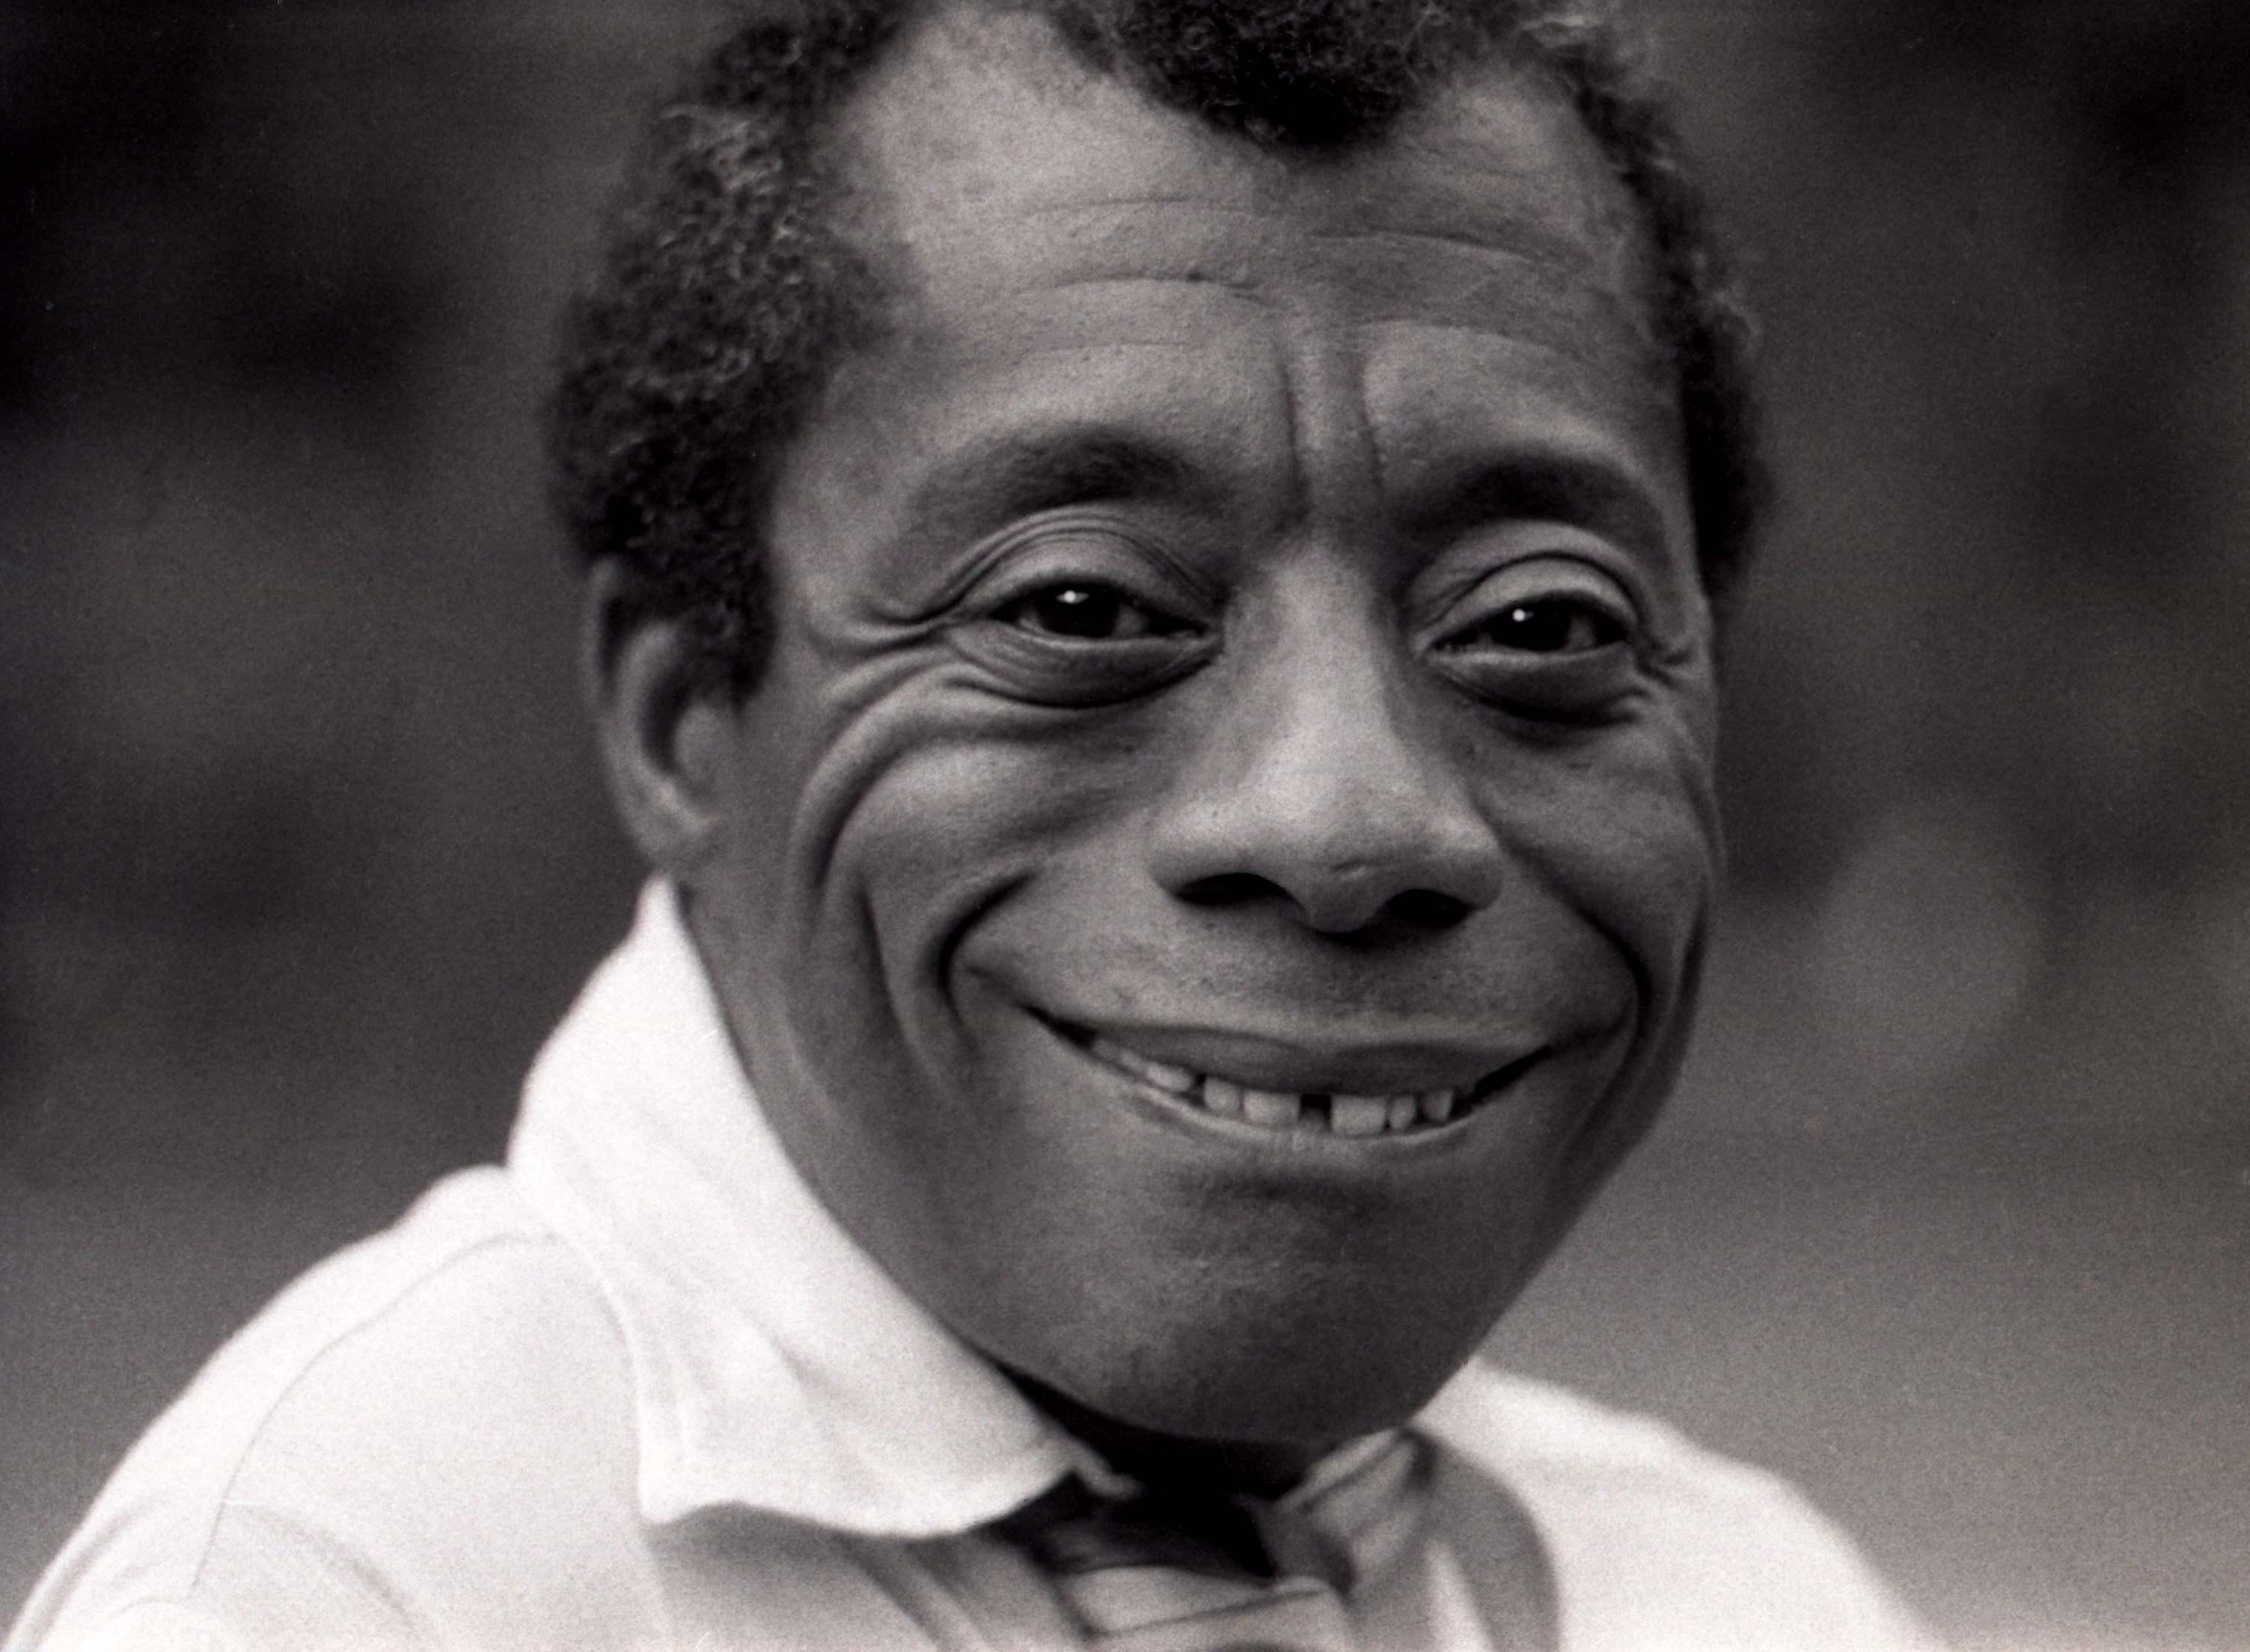 http://upload.wikimedia.org/wikipedia/commons/4/46/James_Baldwin_2_Allan_Warren.jpg